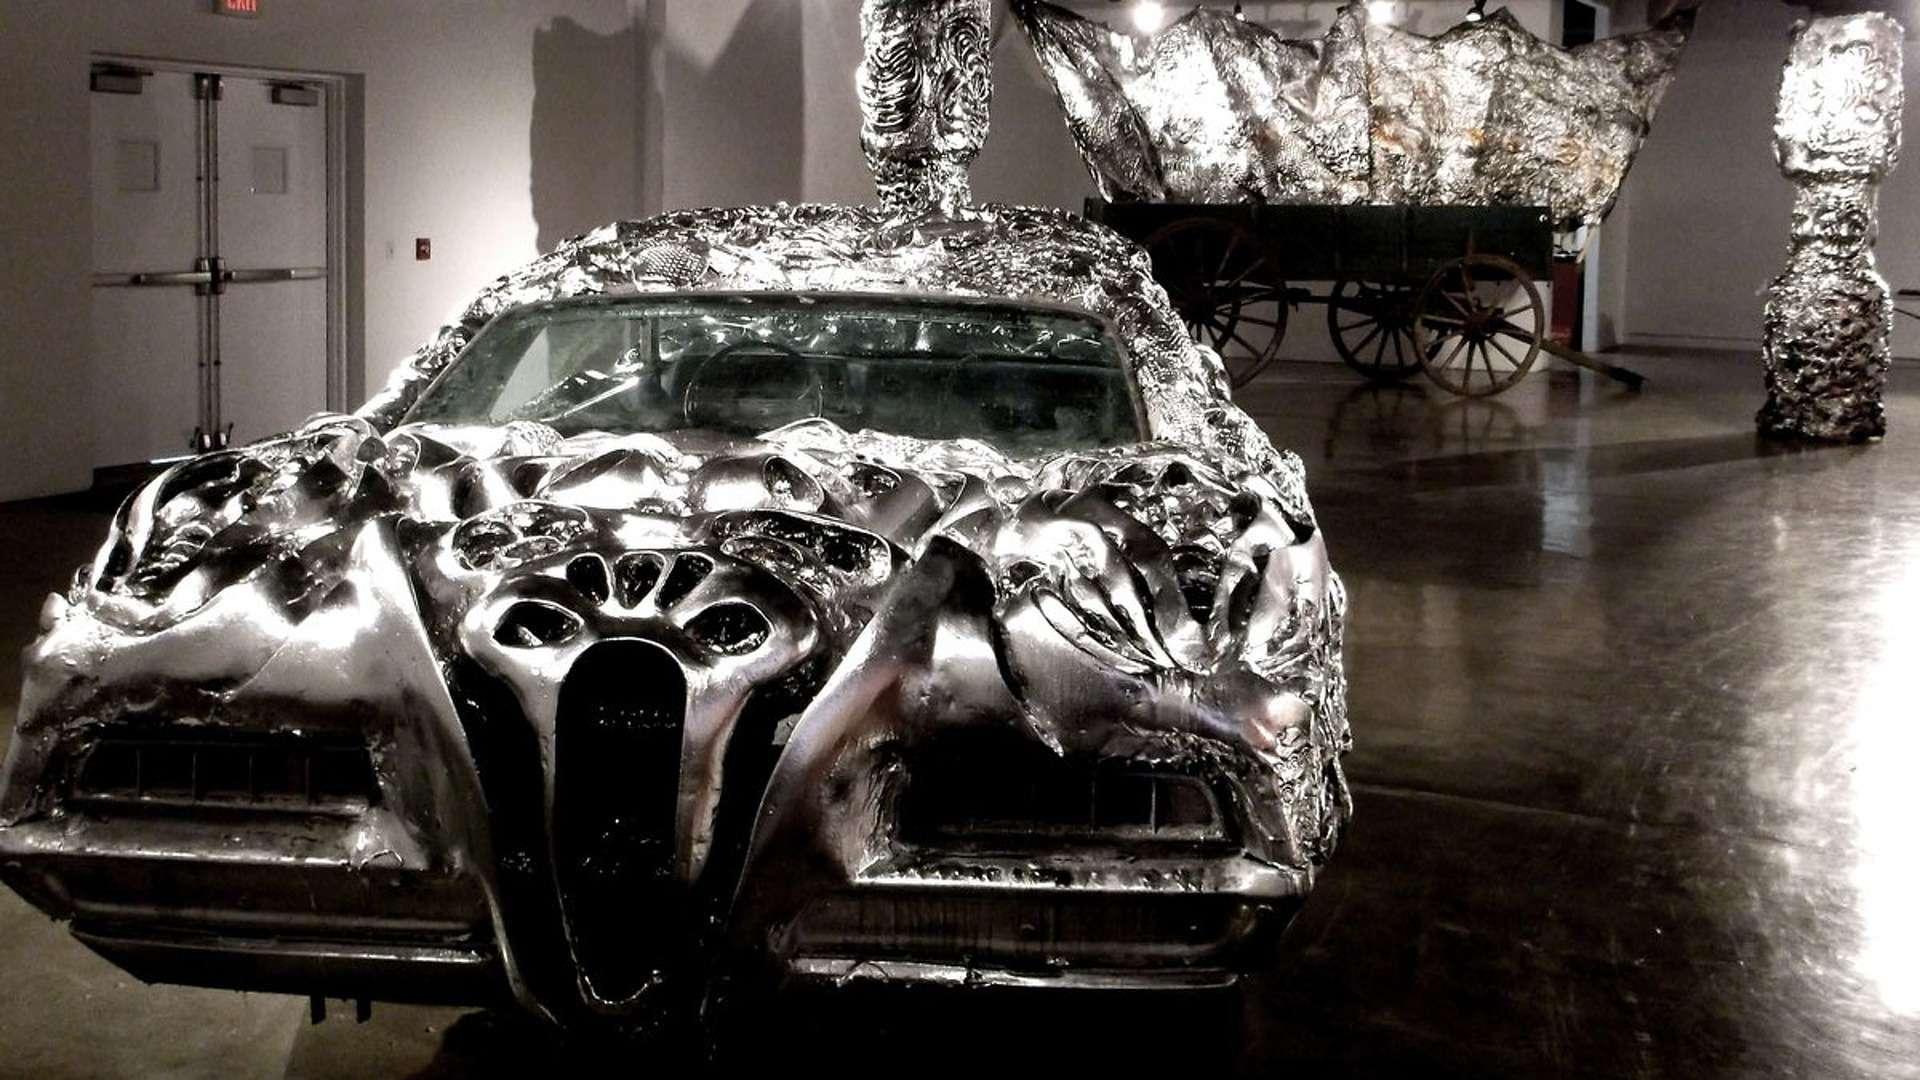 Автомобиль-ужас из3D-принтера: распечатал ипродал— фото 695694